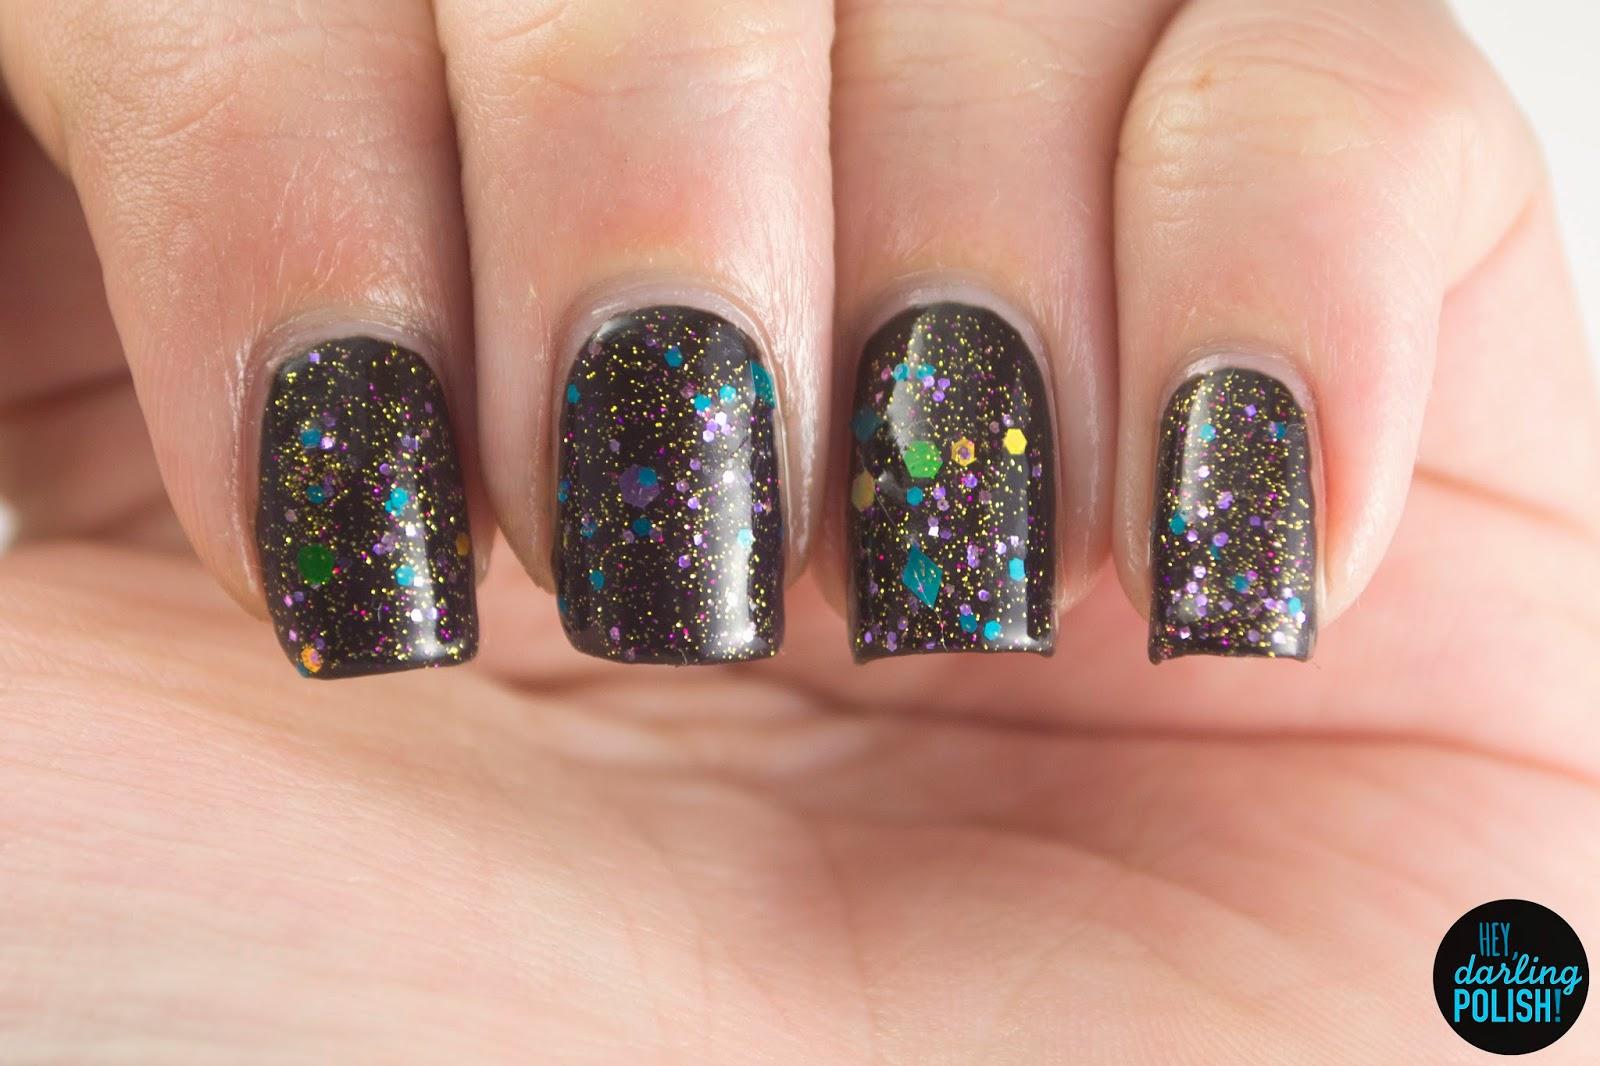 brown, anybody want a peanut?, nails, nail polish, polish, indie, indie polish, indie nail polish, glitter, swatch, hey darling polish, northern star polish